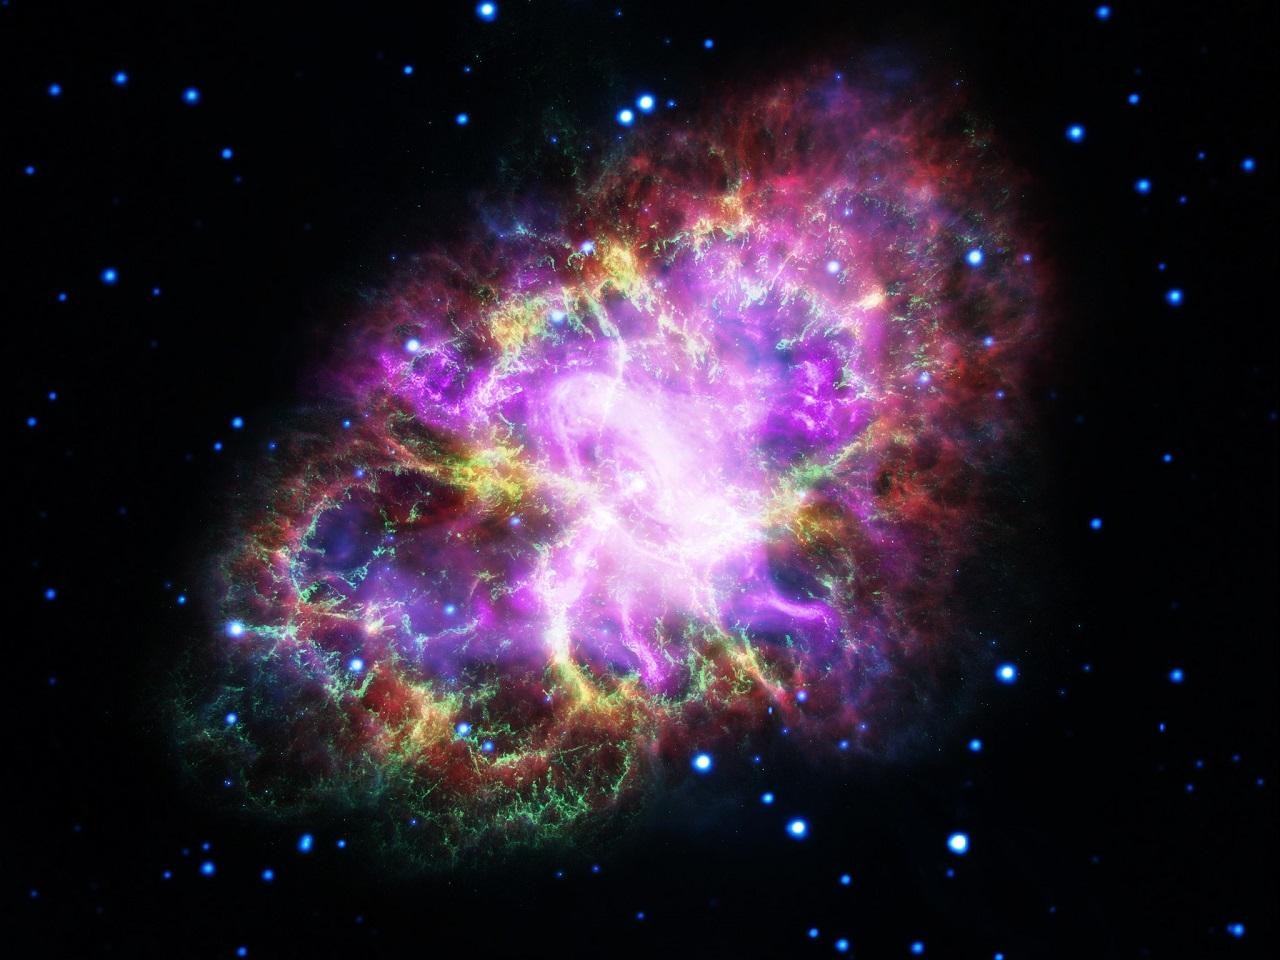 არამიწიერი სიცოცხლისათვის გადამწყვეტი ქიმიური ელემენტი სამყაროში ძალიან ცოტაა